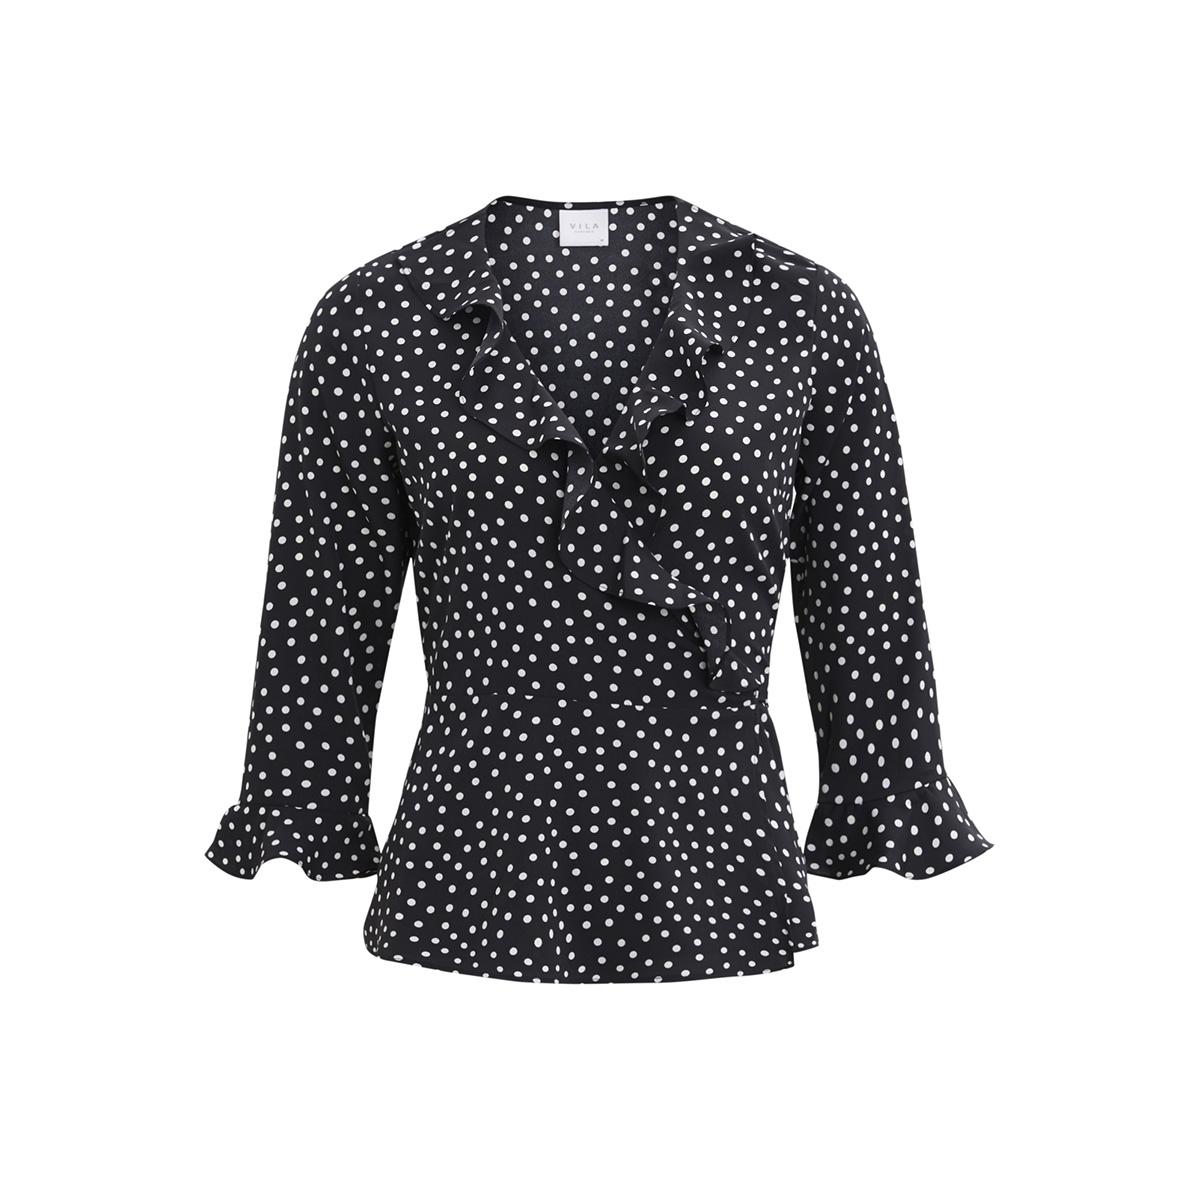 vimicka wrap top/rx 14047368 vila blouse black/white dots